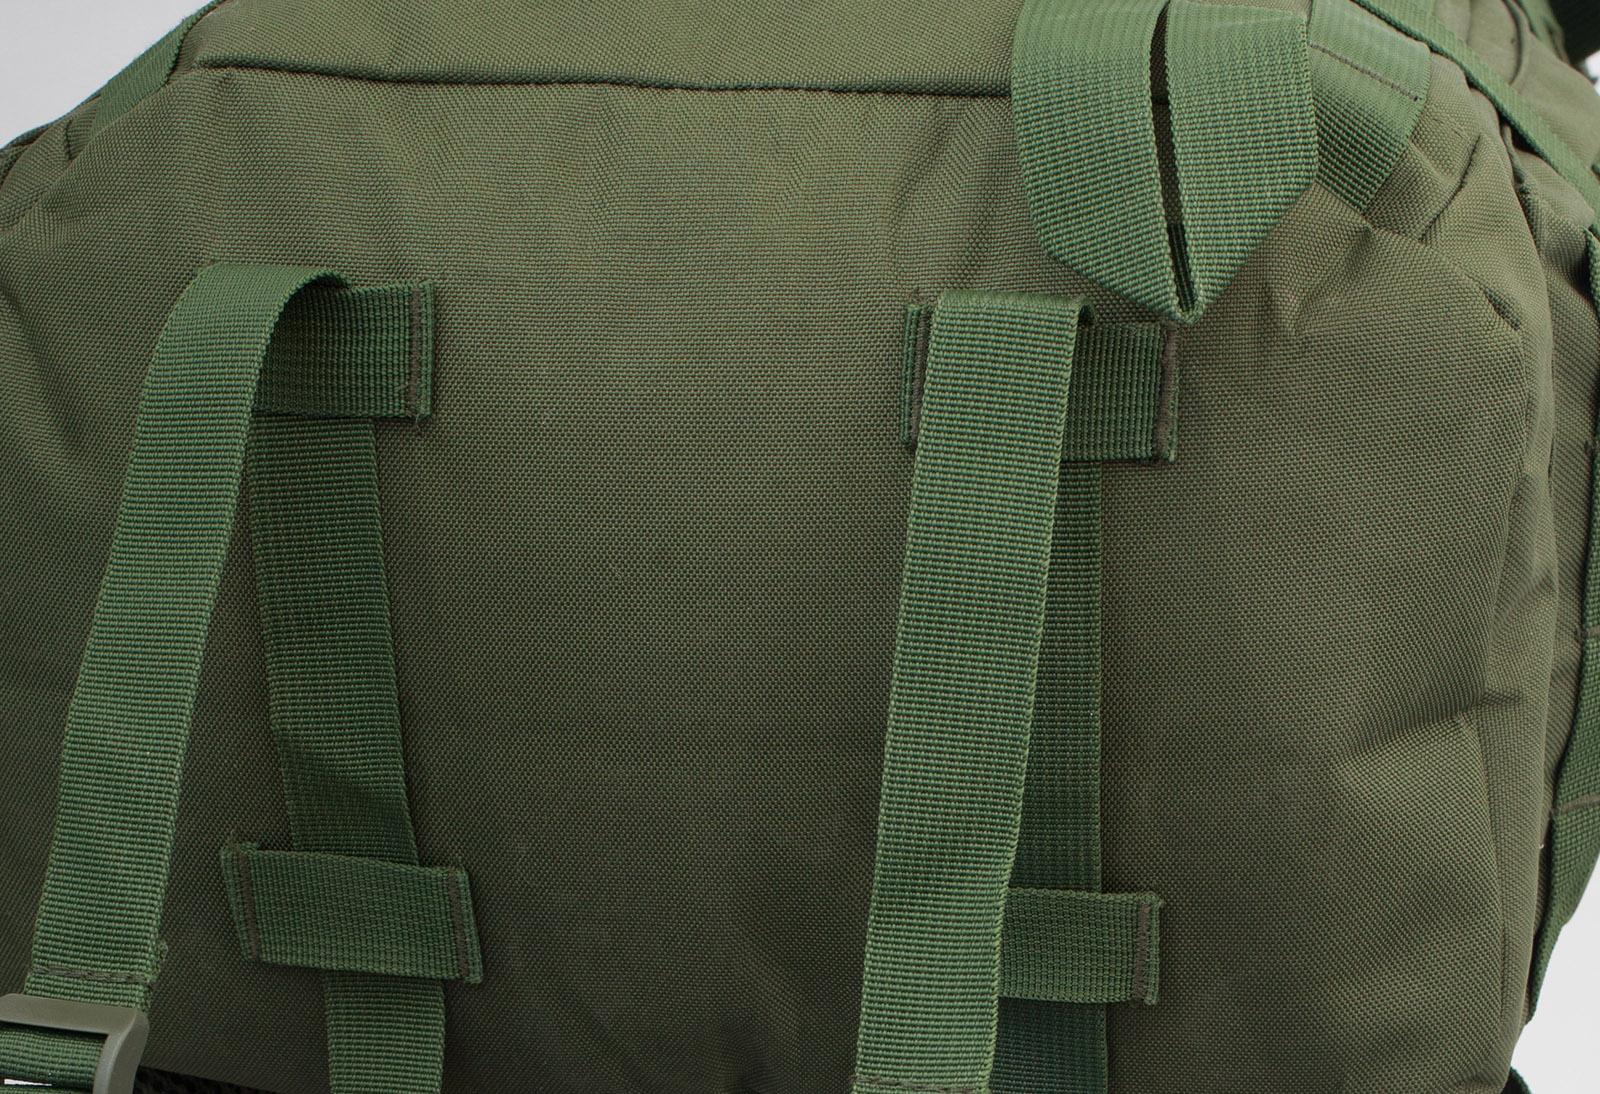 Функциональный военный рюкзак с нашивкой ФСО - купить в розницу